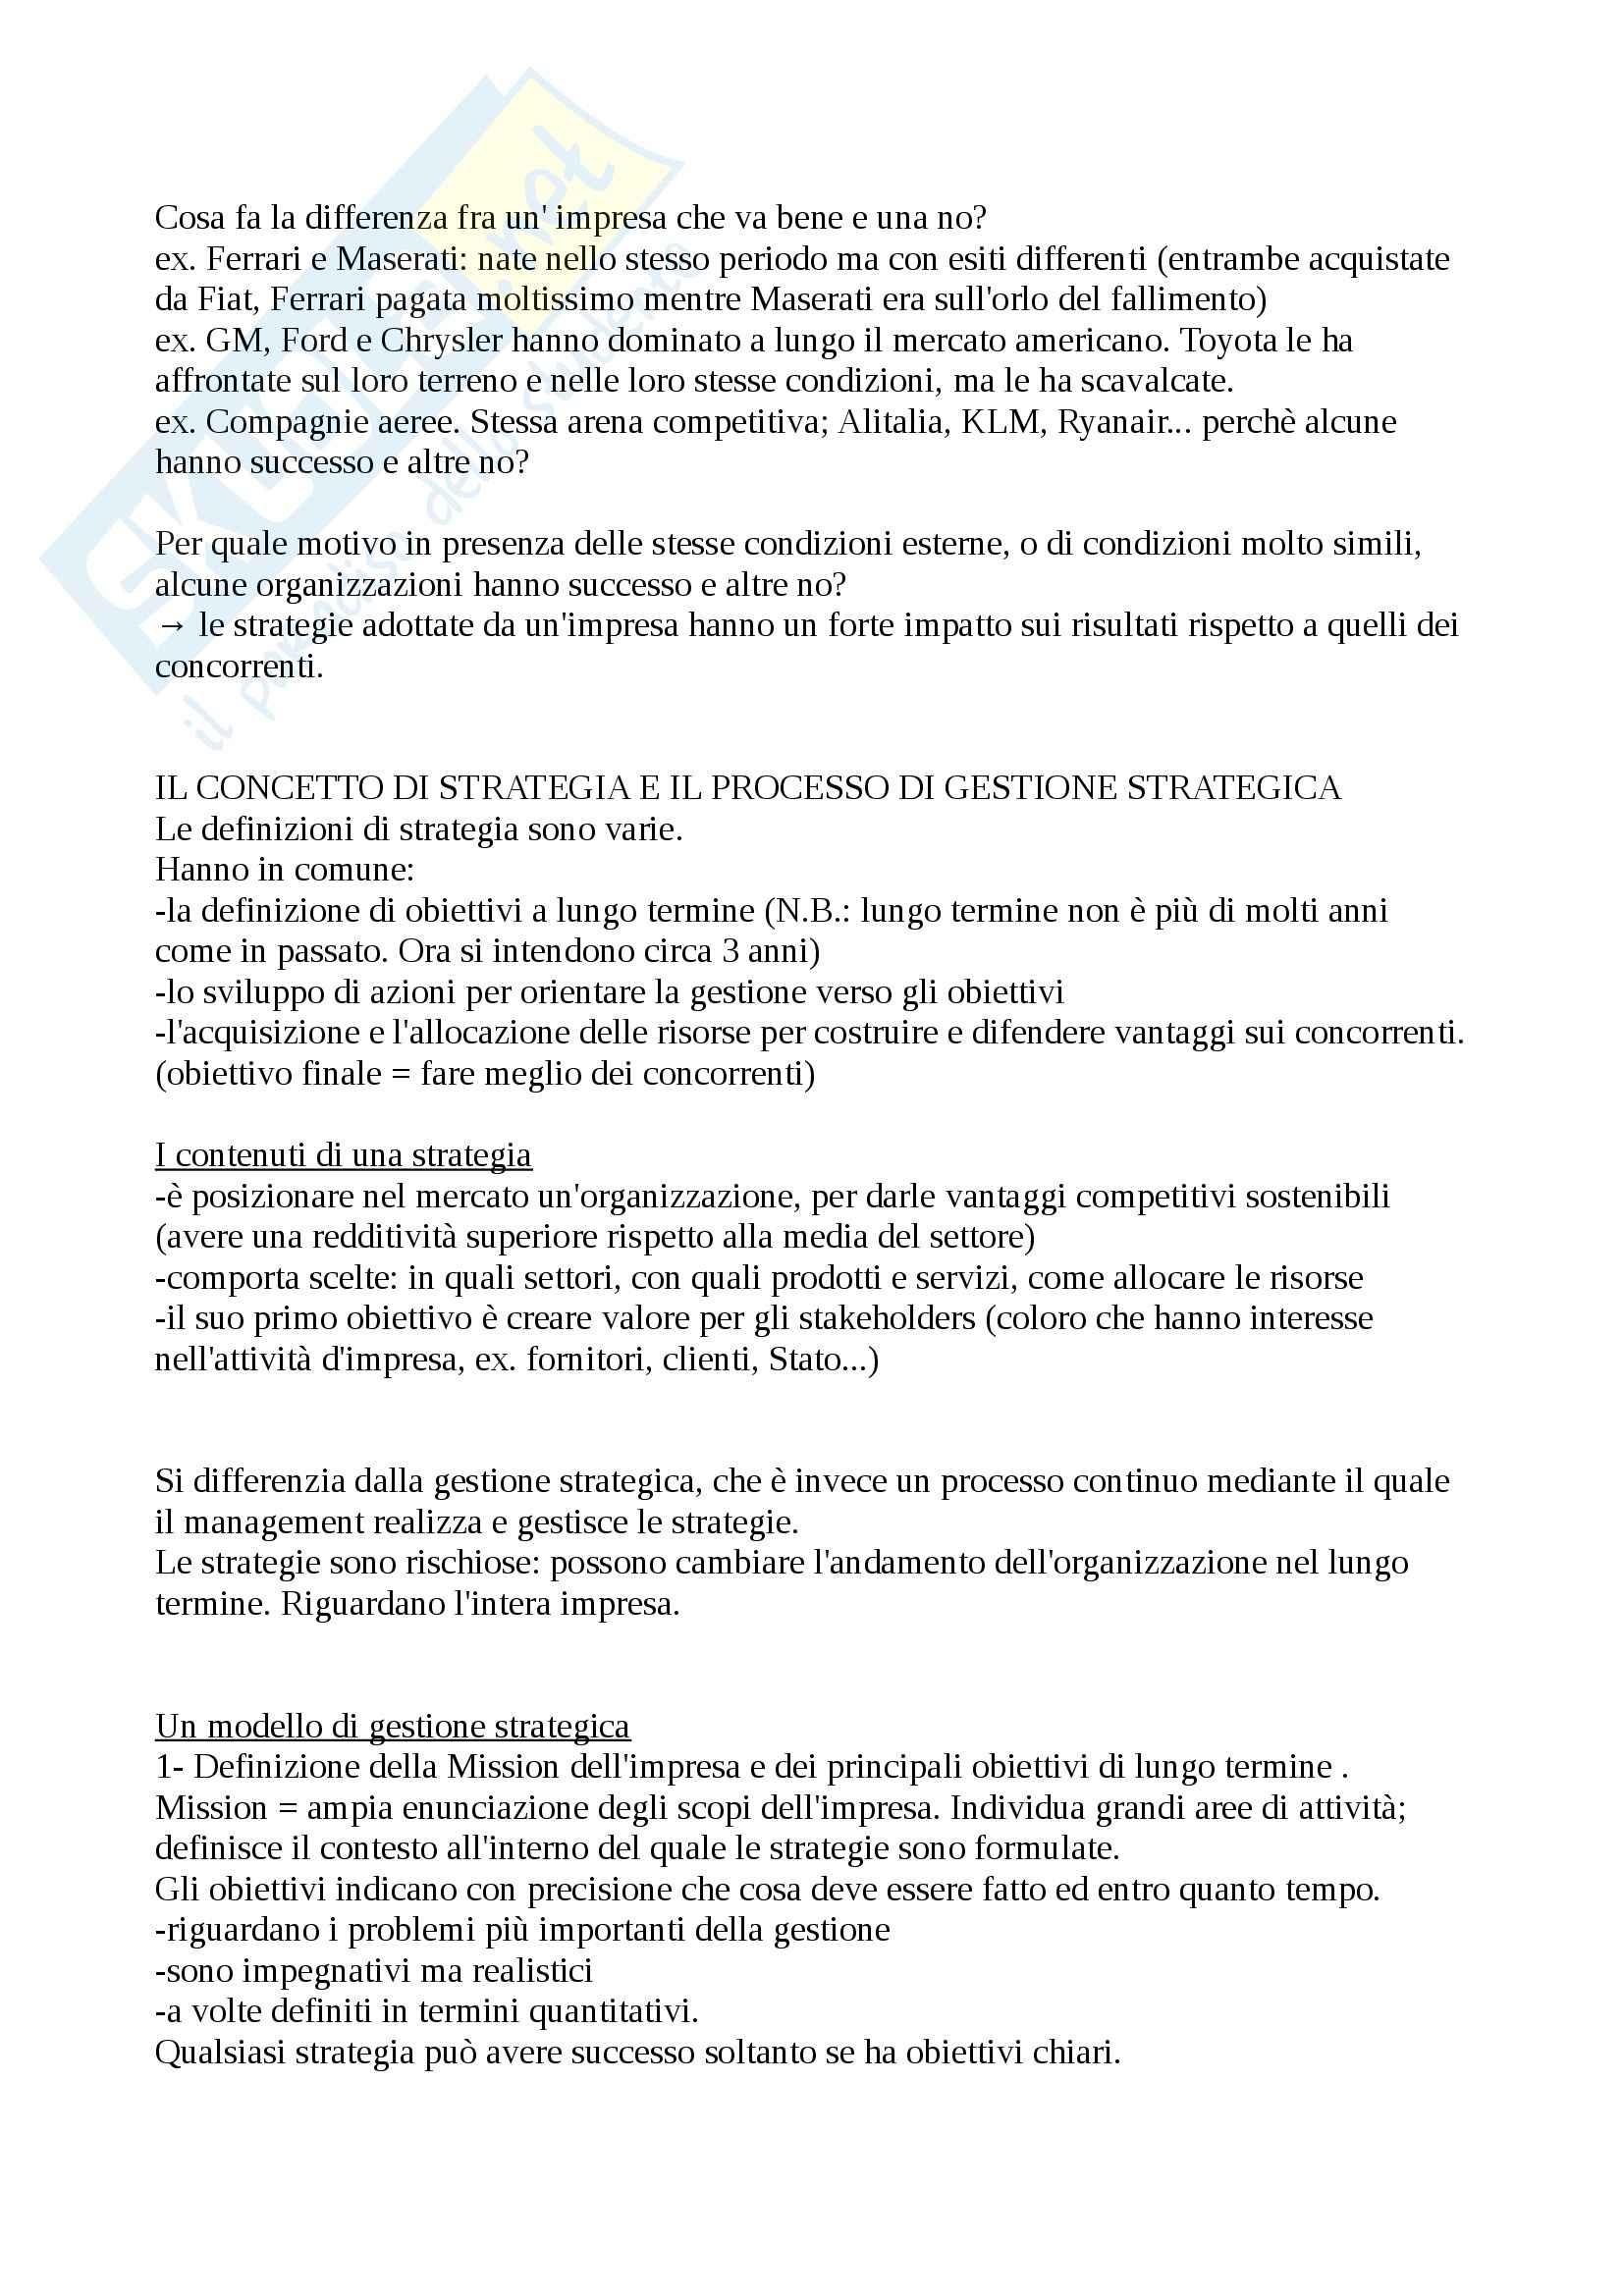 Strategie di impresa - Appunti Pag. 2